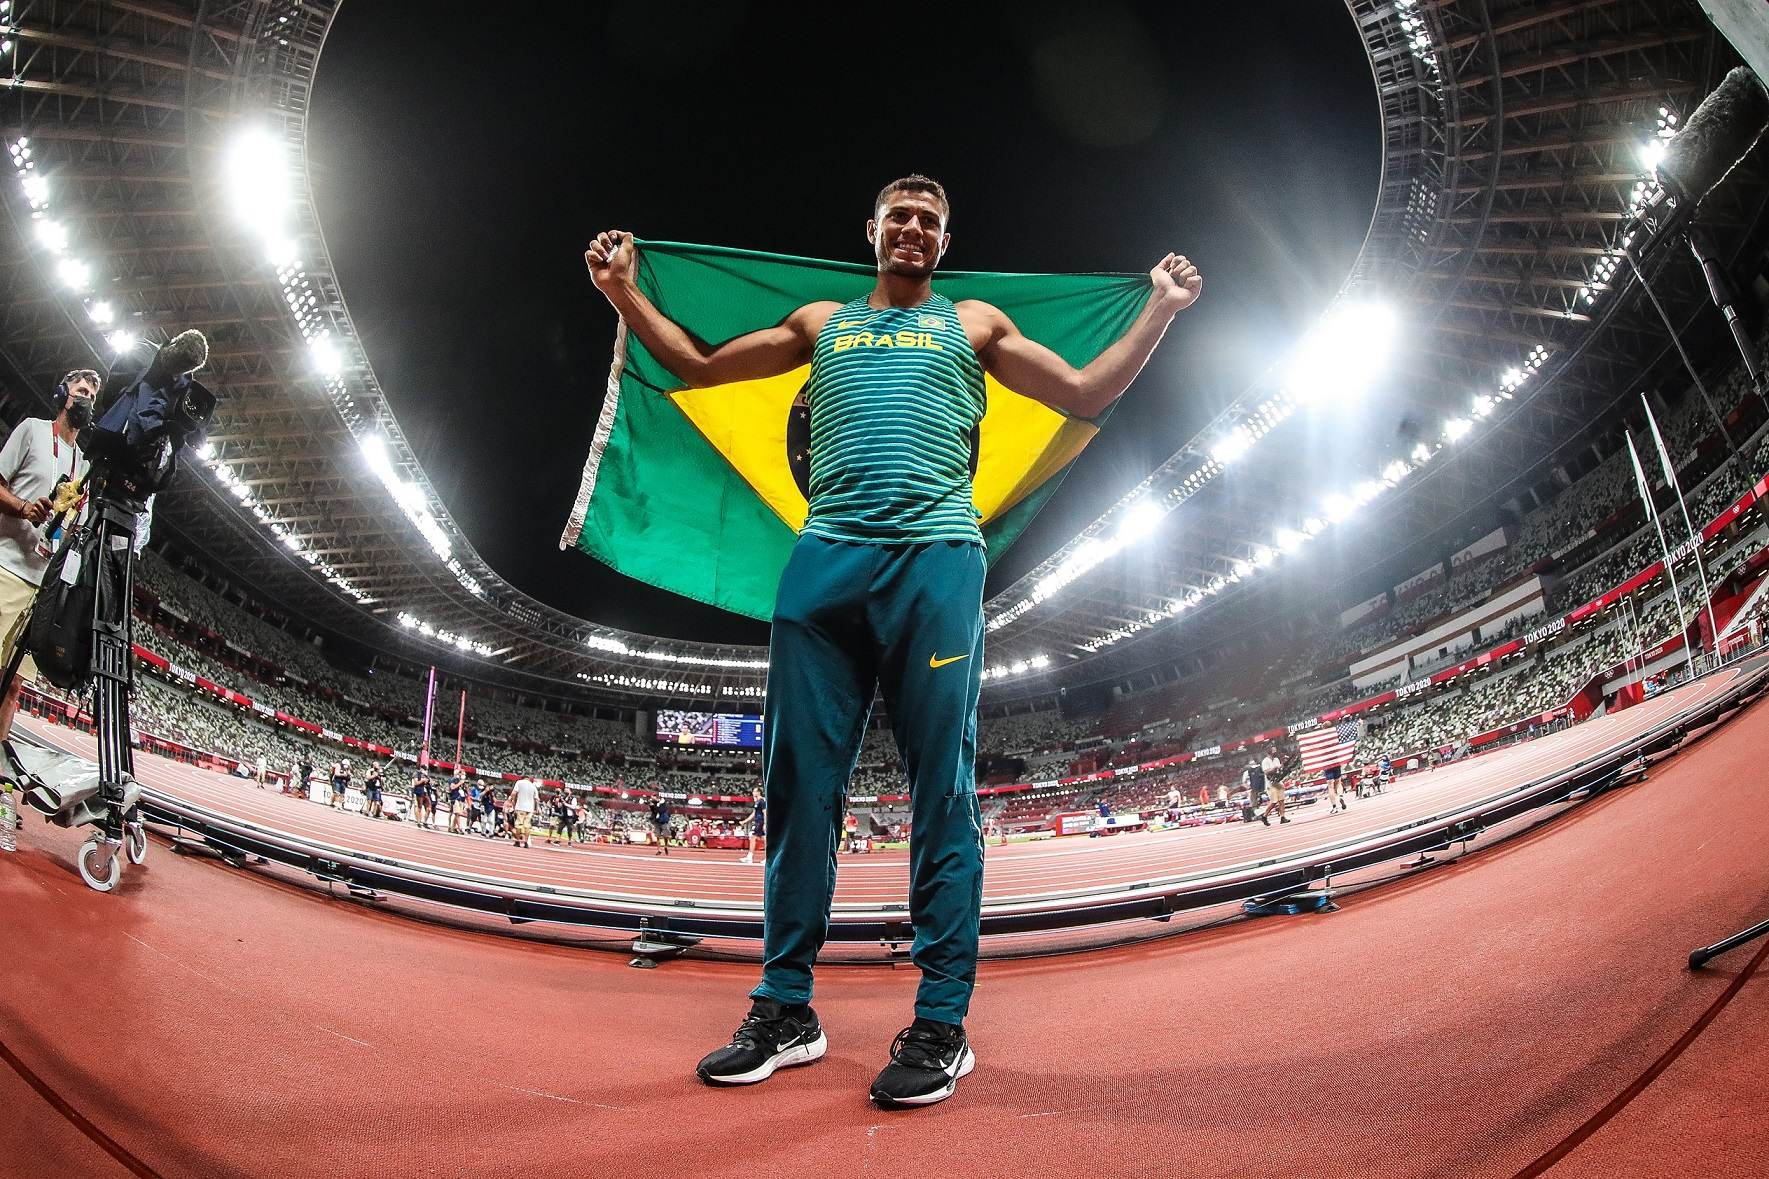 Thiago Braz com a bandeira brasileira após ficar com o bronze no salto com vara